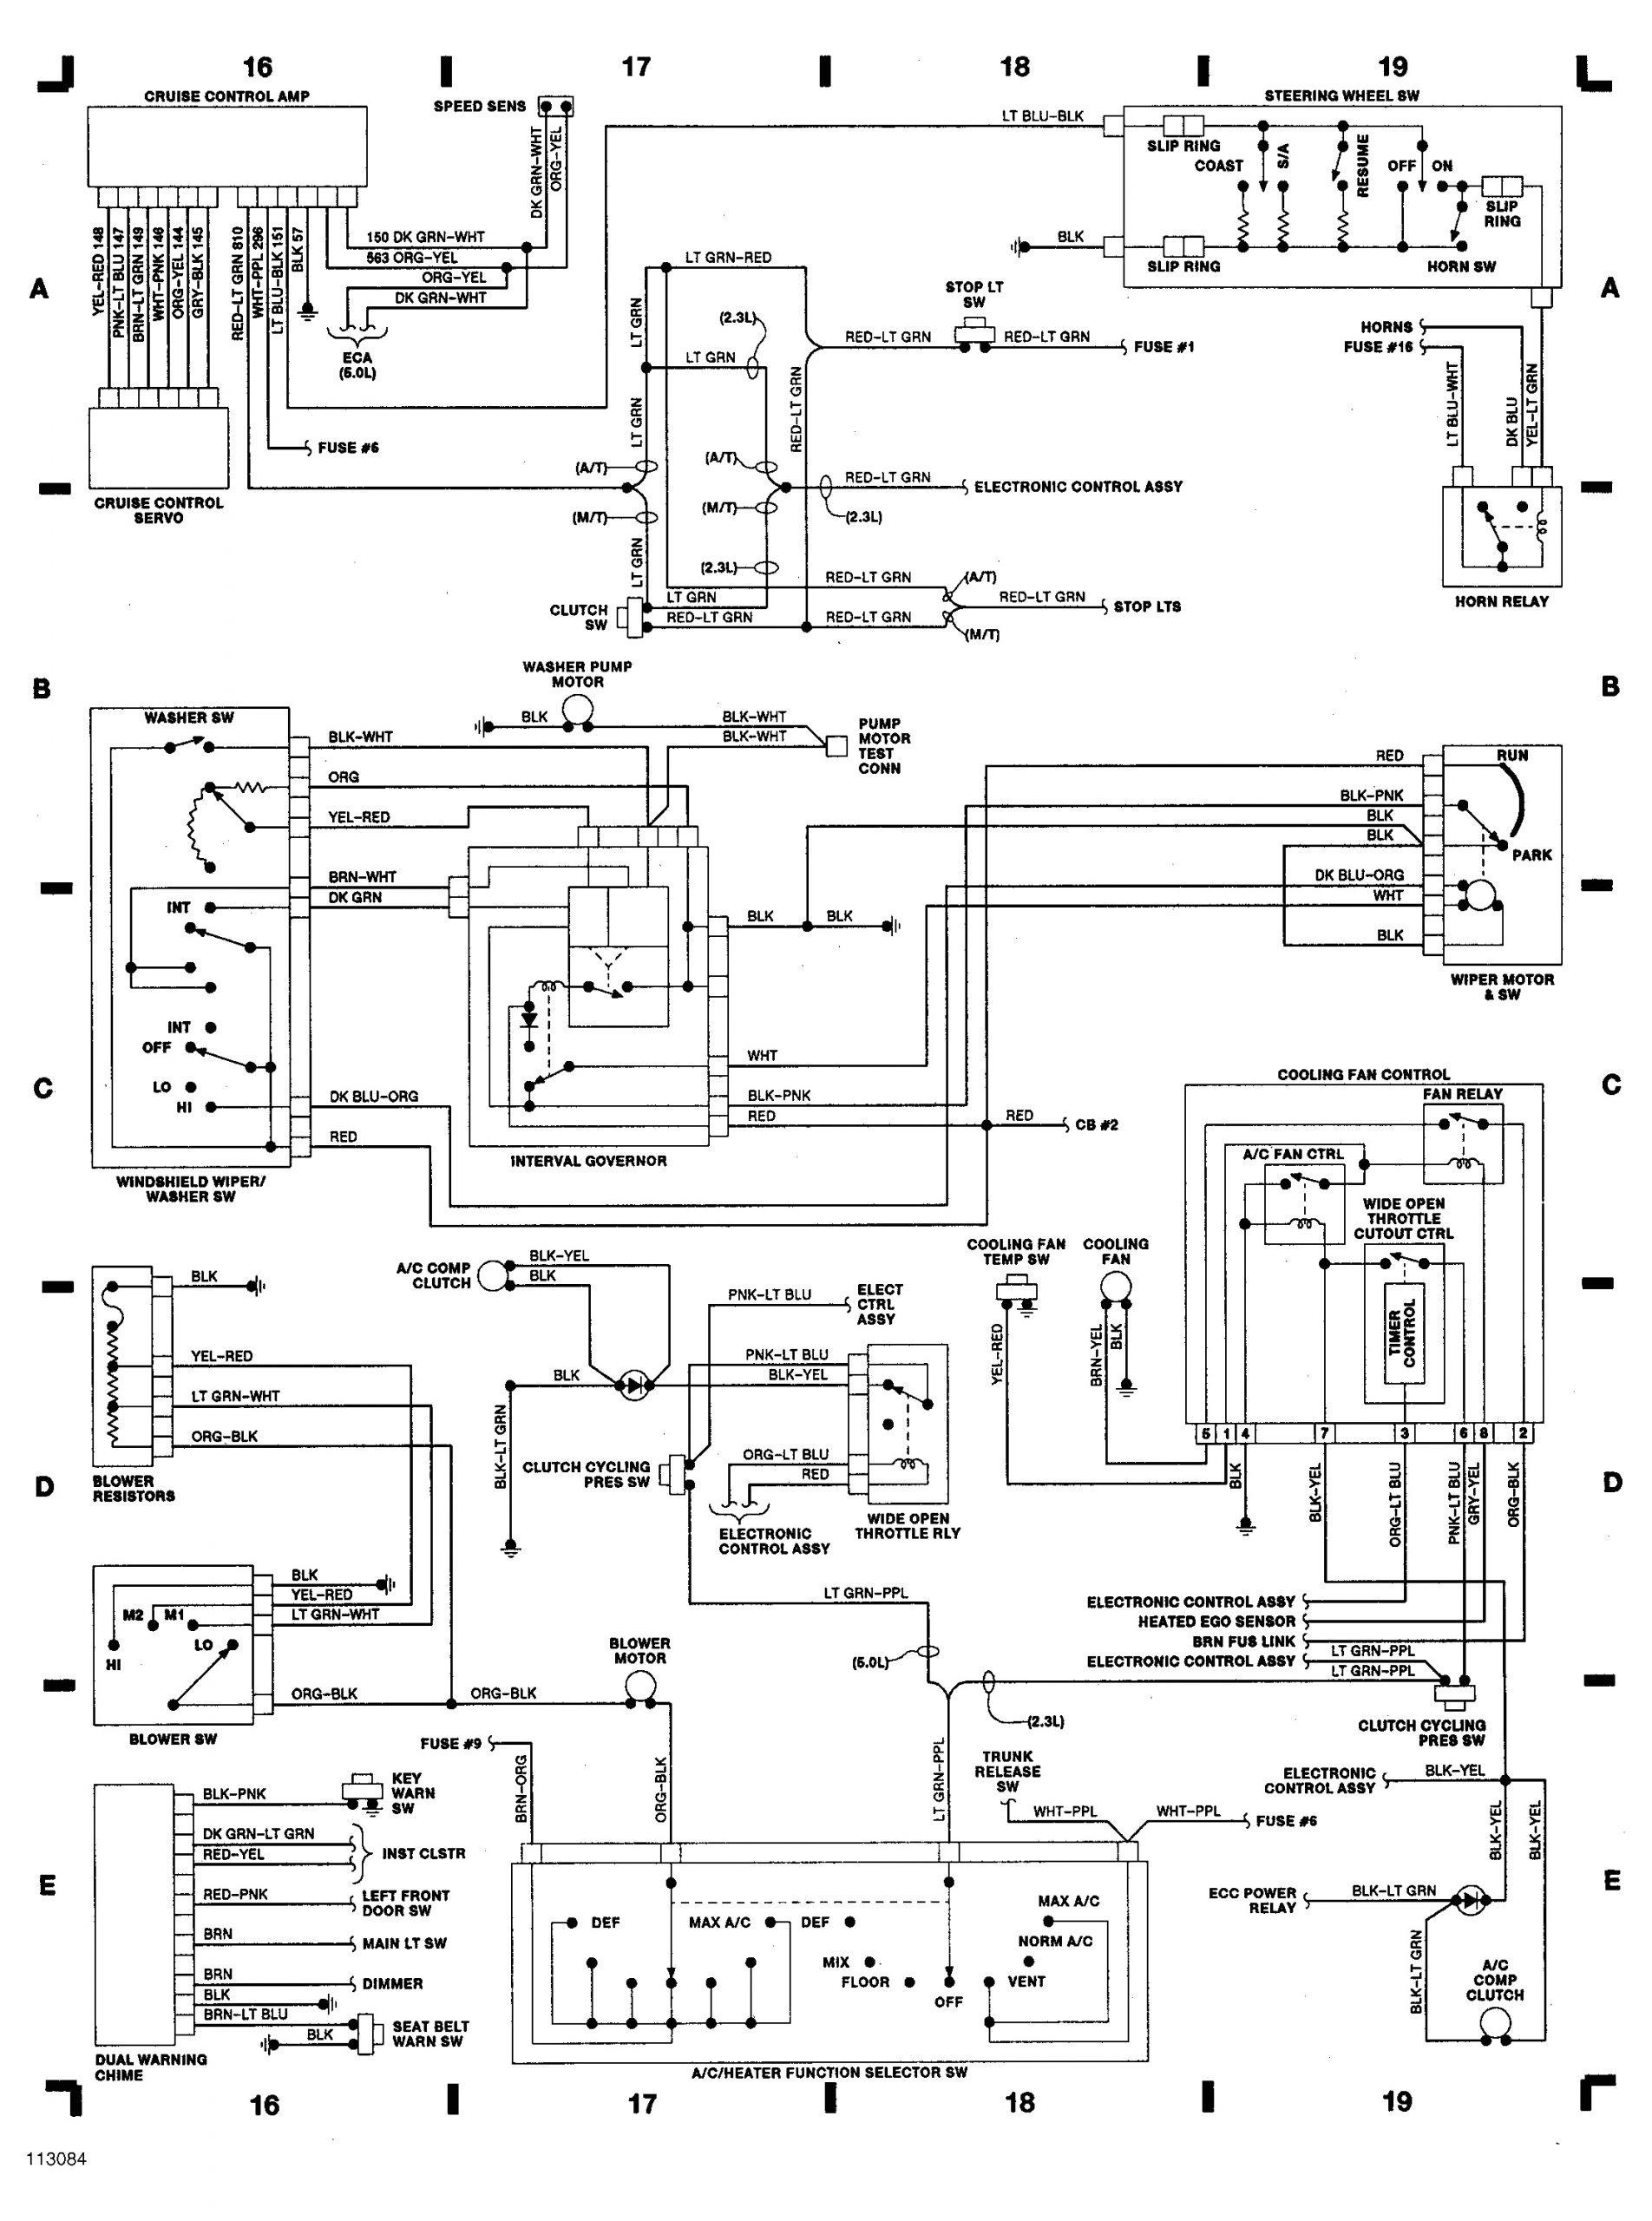 1990 mustang wiring diagram ford mustang wiring diagrams further 1995 ford mustang wiring of 1990 mustang wiring diagram gif